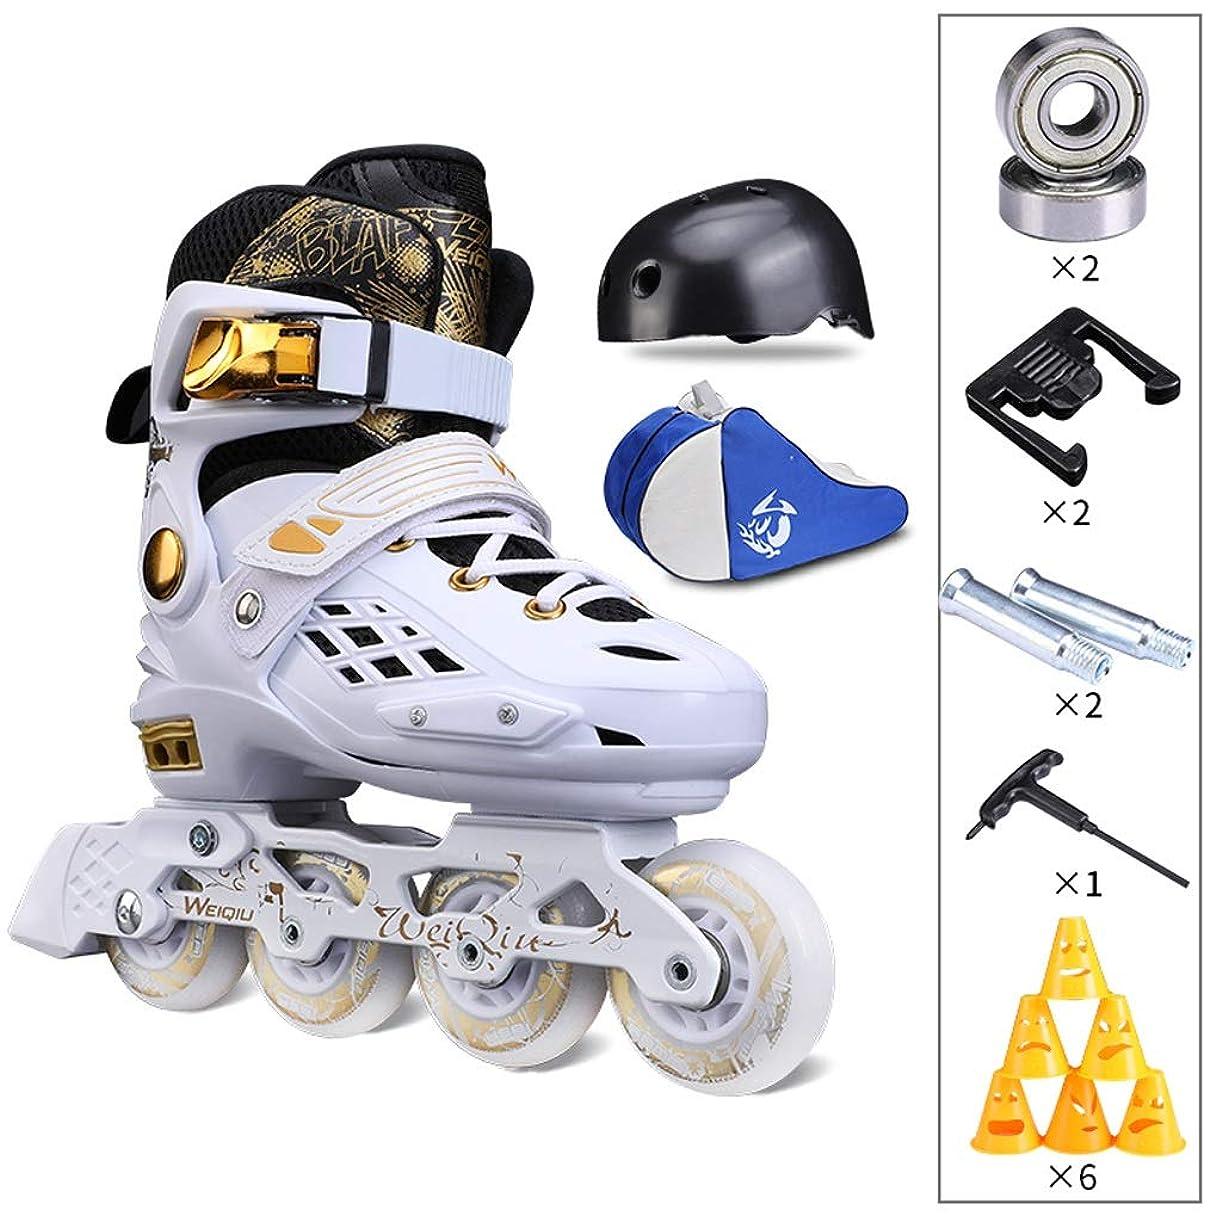 召集するスロープ水陸両用インラインスケート 調整可能なプロのインラインスケート靴、白い子供用単列スケート靴、黒人男性用および女性用スピードスケート靴 (Color : A, Size : M (EU 33-37))